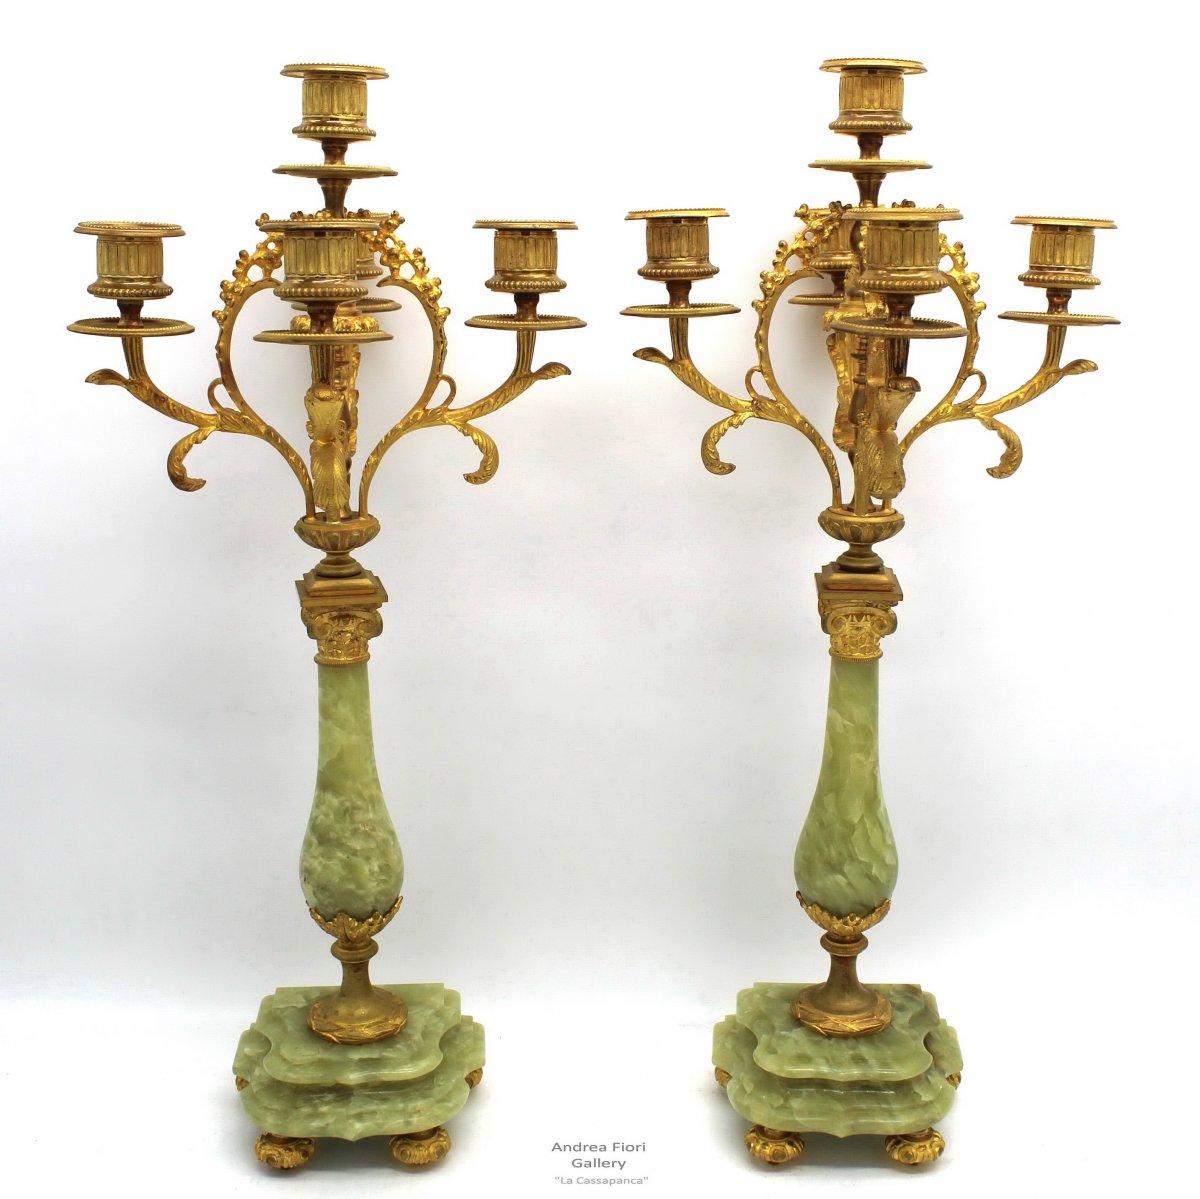 Ancien Paire de Chandeliers Candelabres Bougeoirs d'époque Napoleon III en bronze doré et onyx - du 19ème